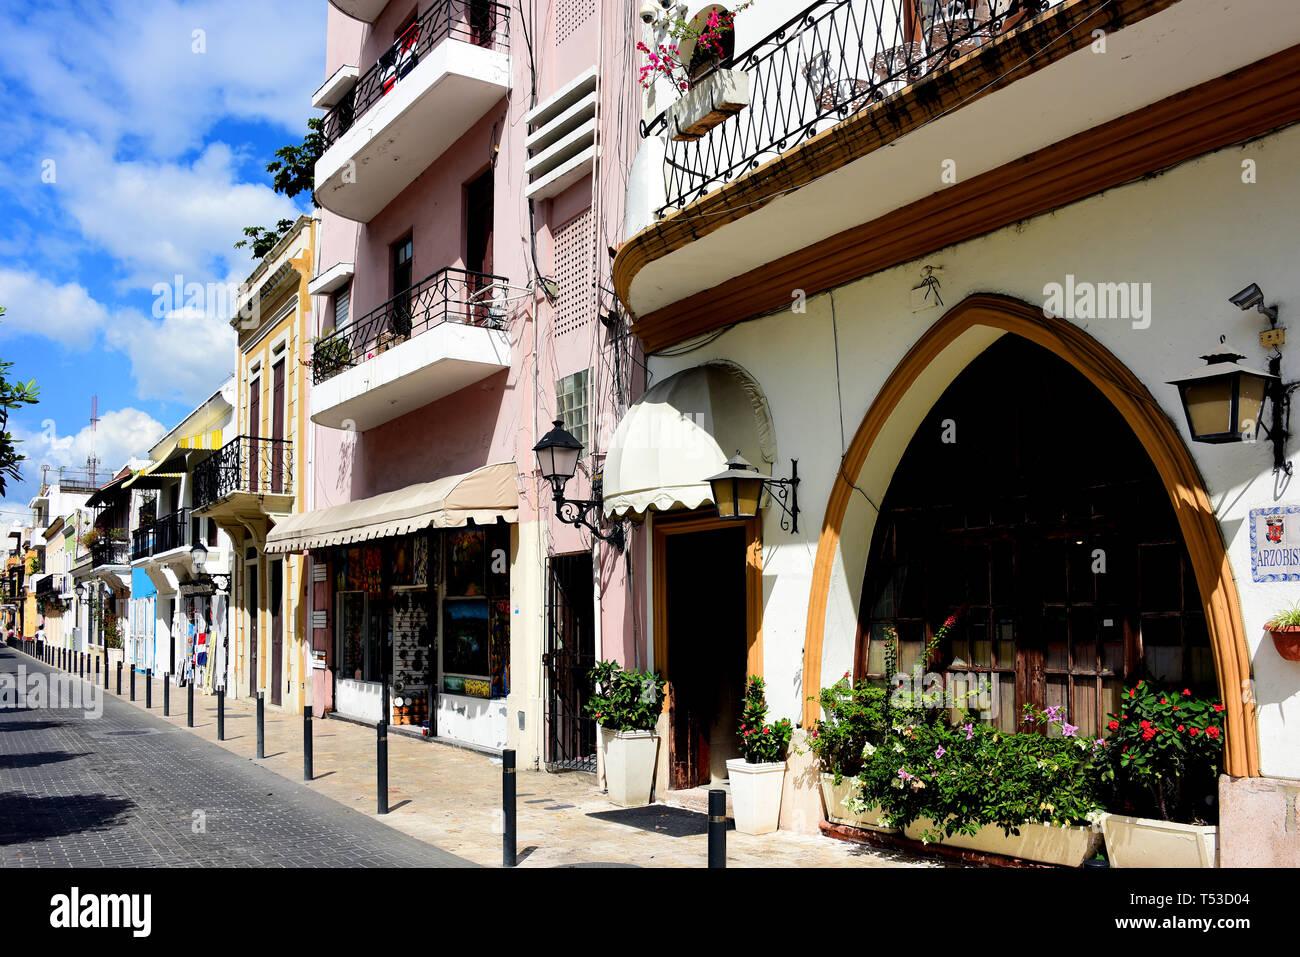 Santo Domingo, Dominican Republic - February 7, 2019:  Row of historic buildings near Calle Arzobispo Merino in the historic Colonial Zone of Santo Do - Stock Image